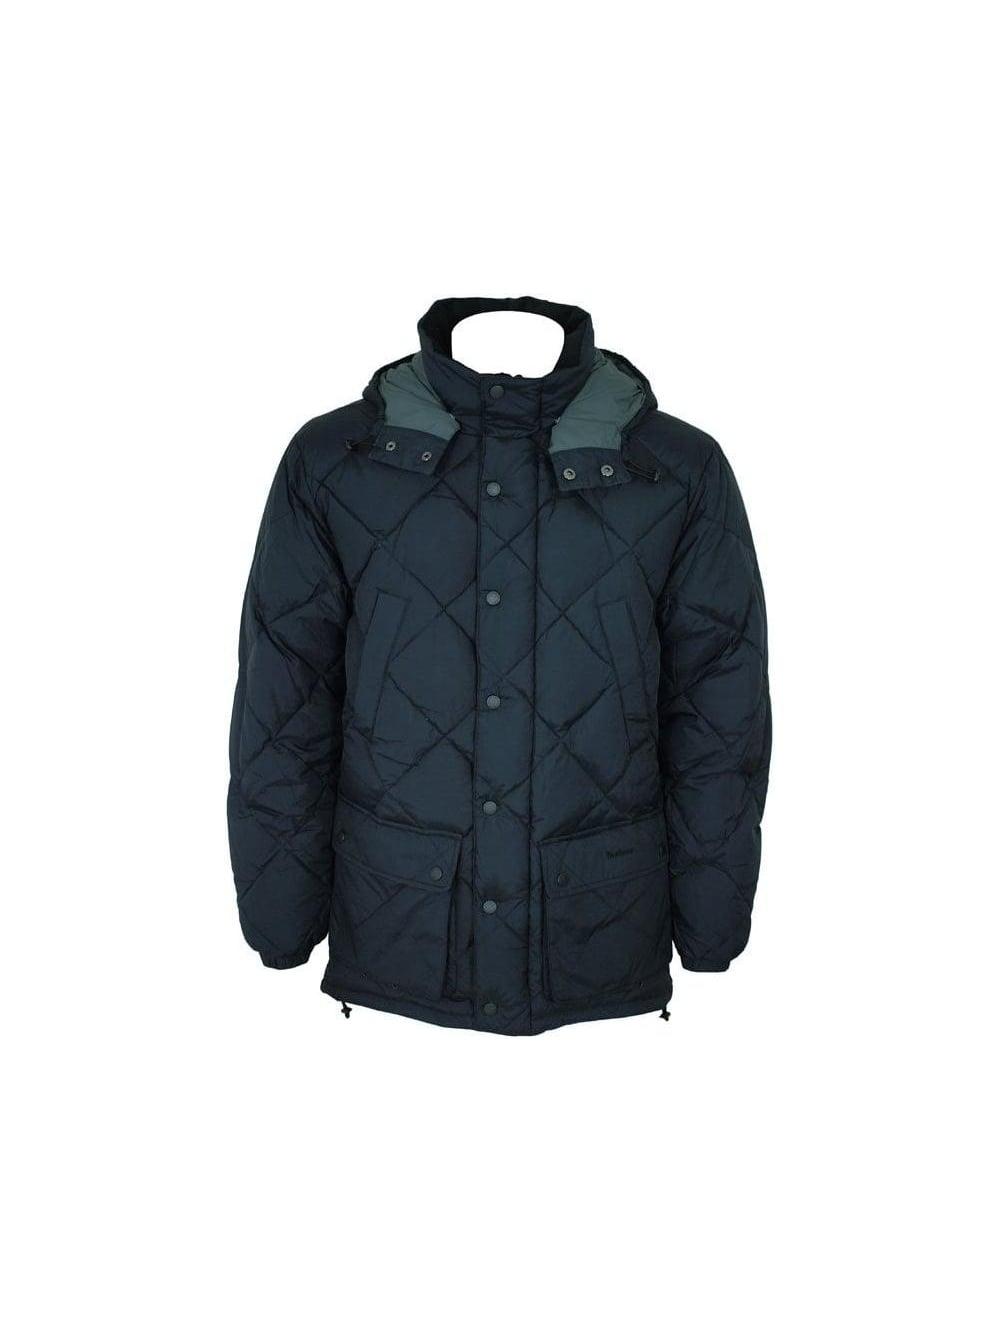 Mens Designer Coats Uk | Barbour Barbour Down Explorer Jacket Black Barbour Mens